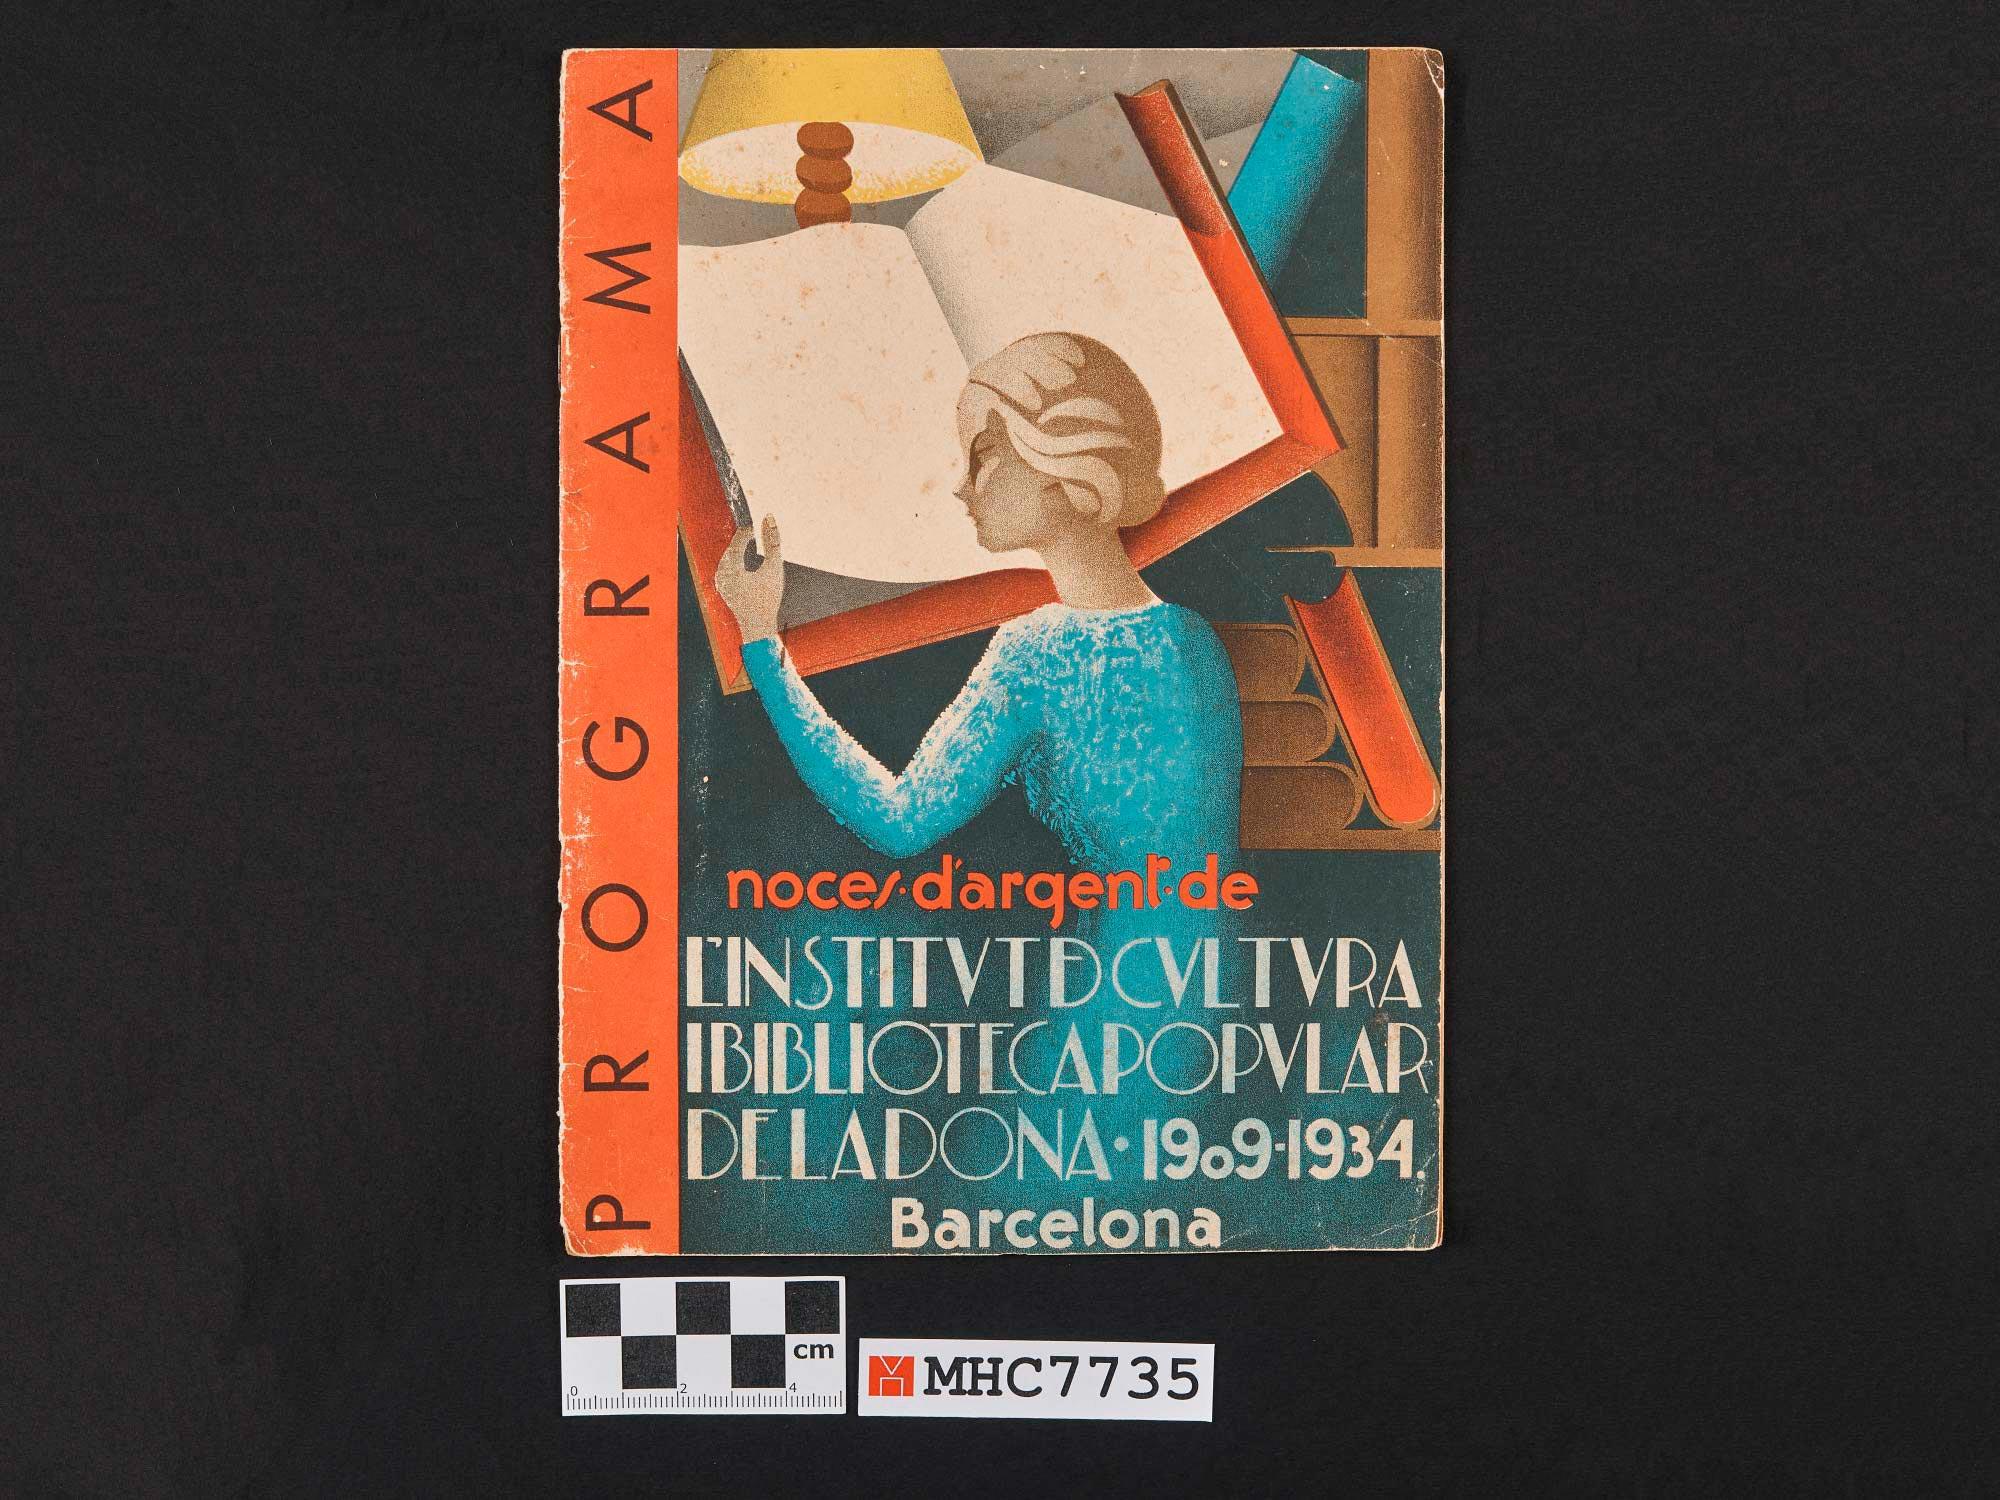 Programa de les festes i actes culturals de les noces d'argent de l'Institut de Cultura i Biblioteca Popular de la Dona